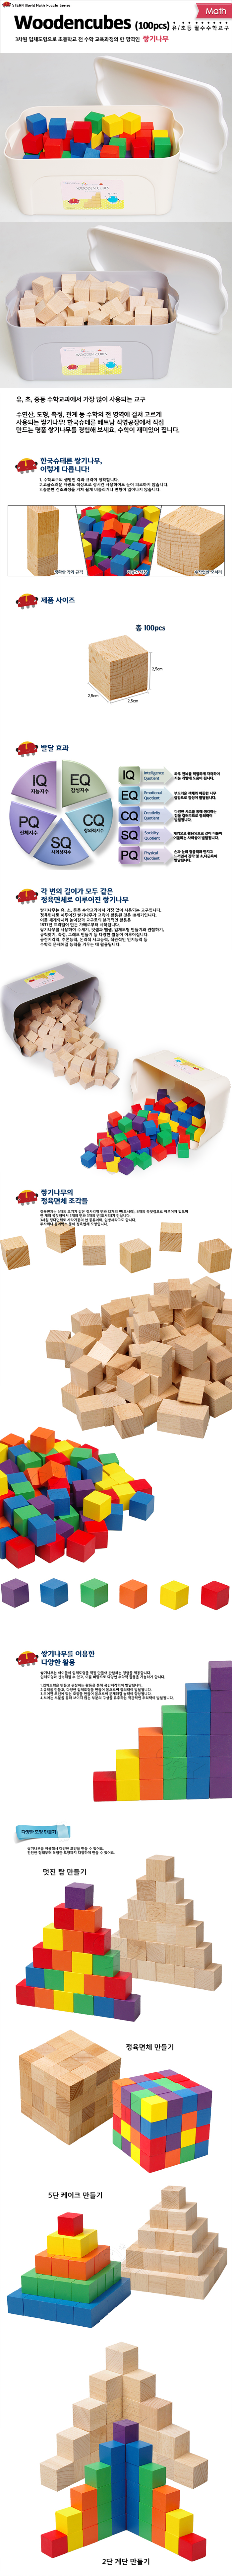 st_wood_110513.png